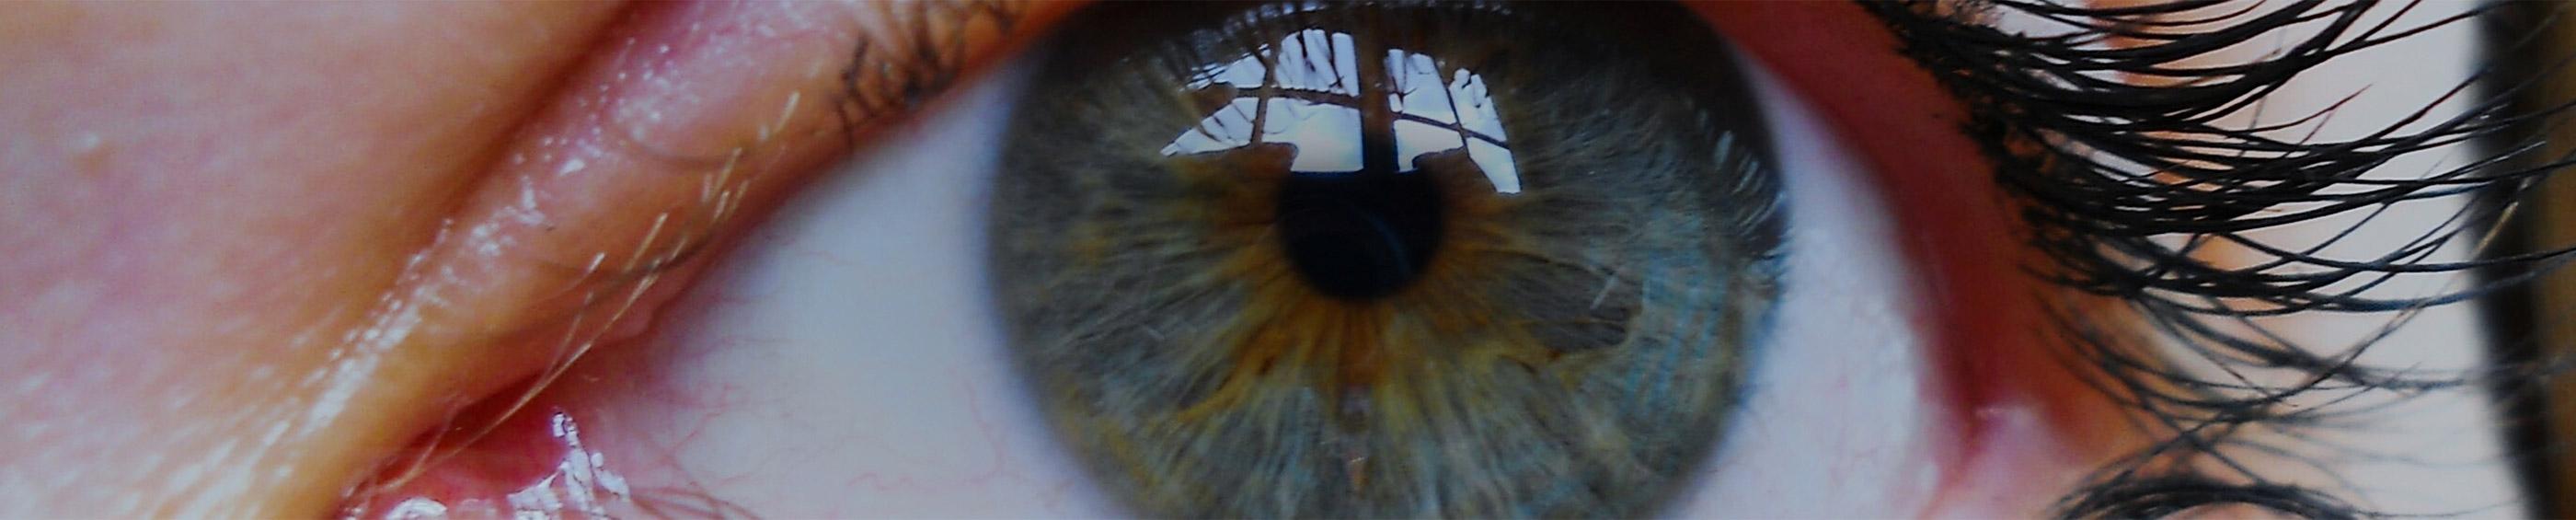 Acercamieto a ojo azul de una mujer